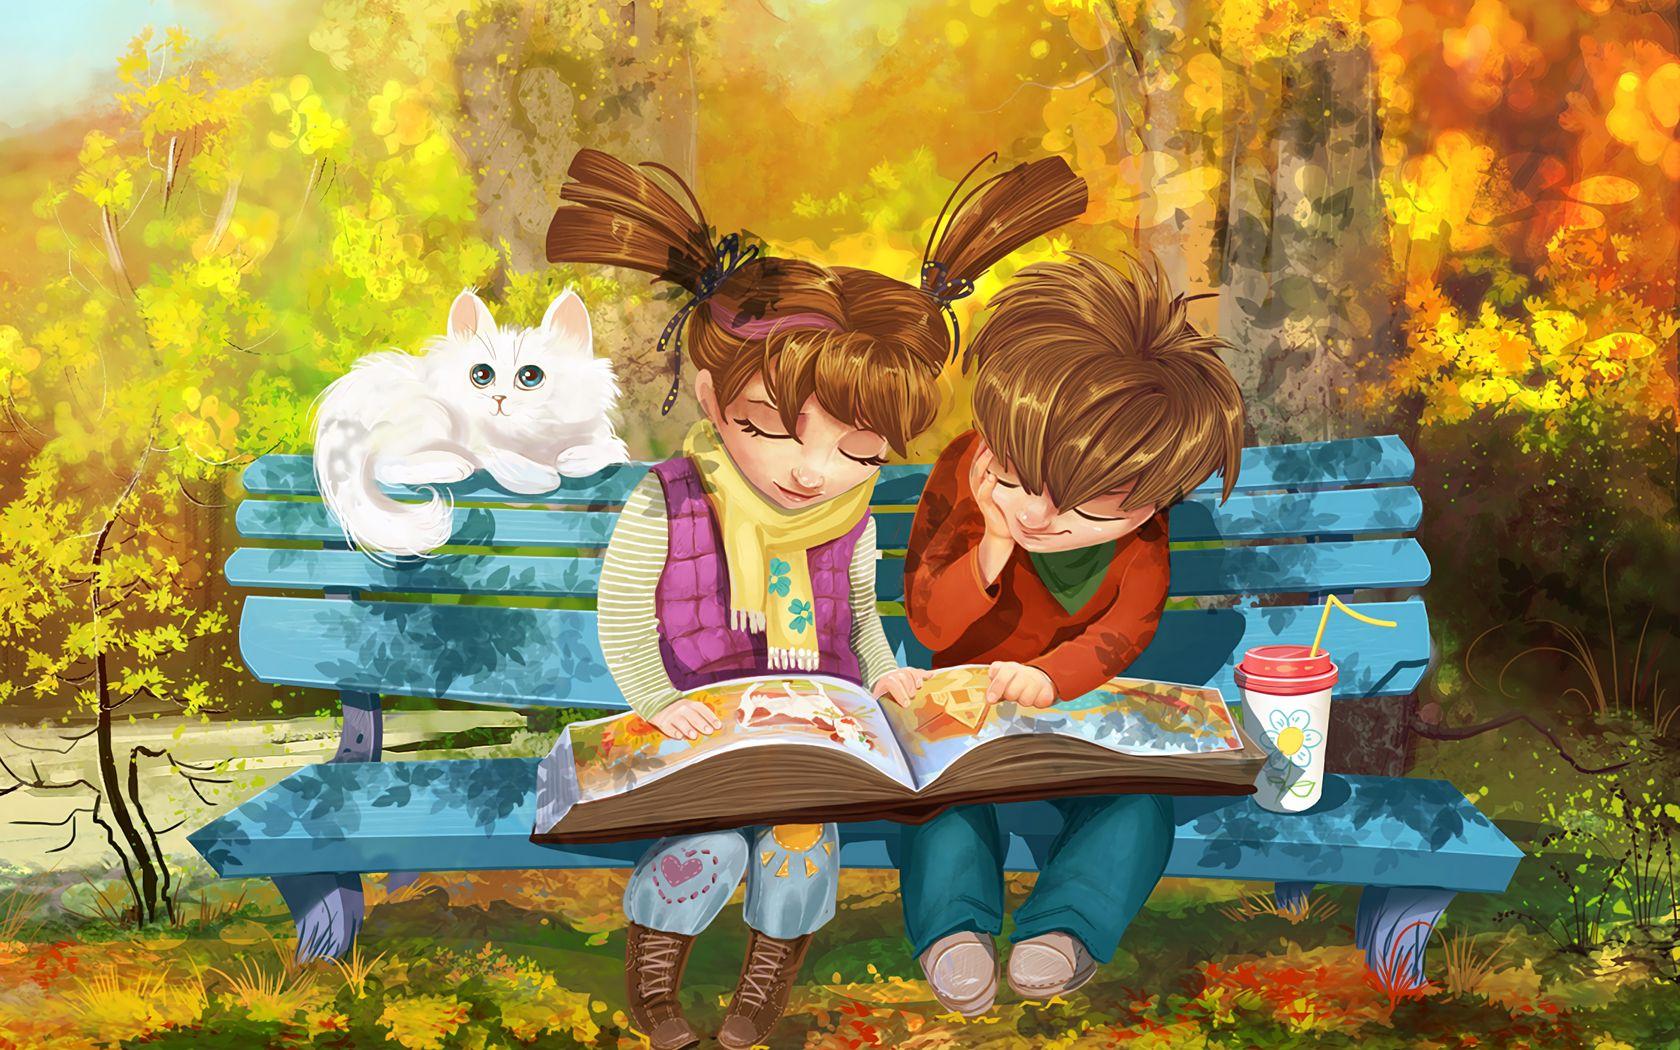 1680x1050 Wallpaper boy, girl, cat, bench, park, cute